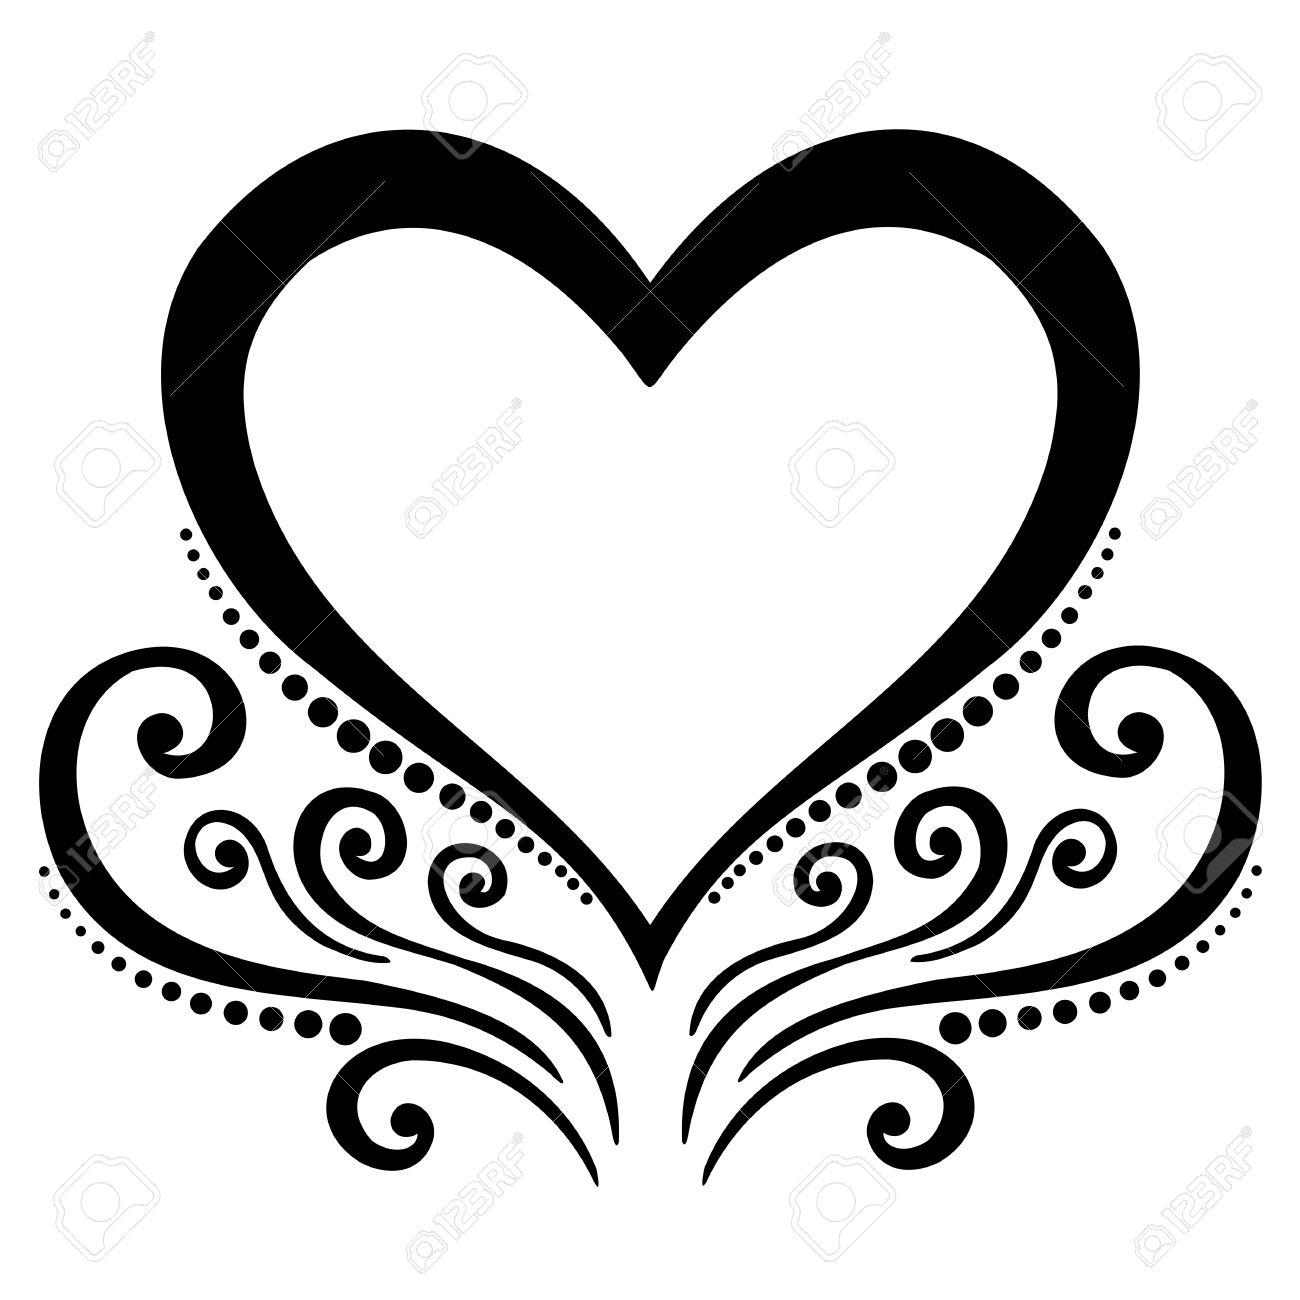 heart design - terat  terat